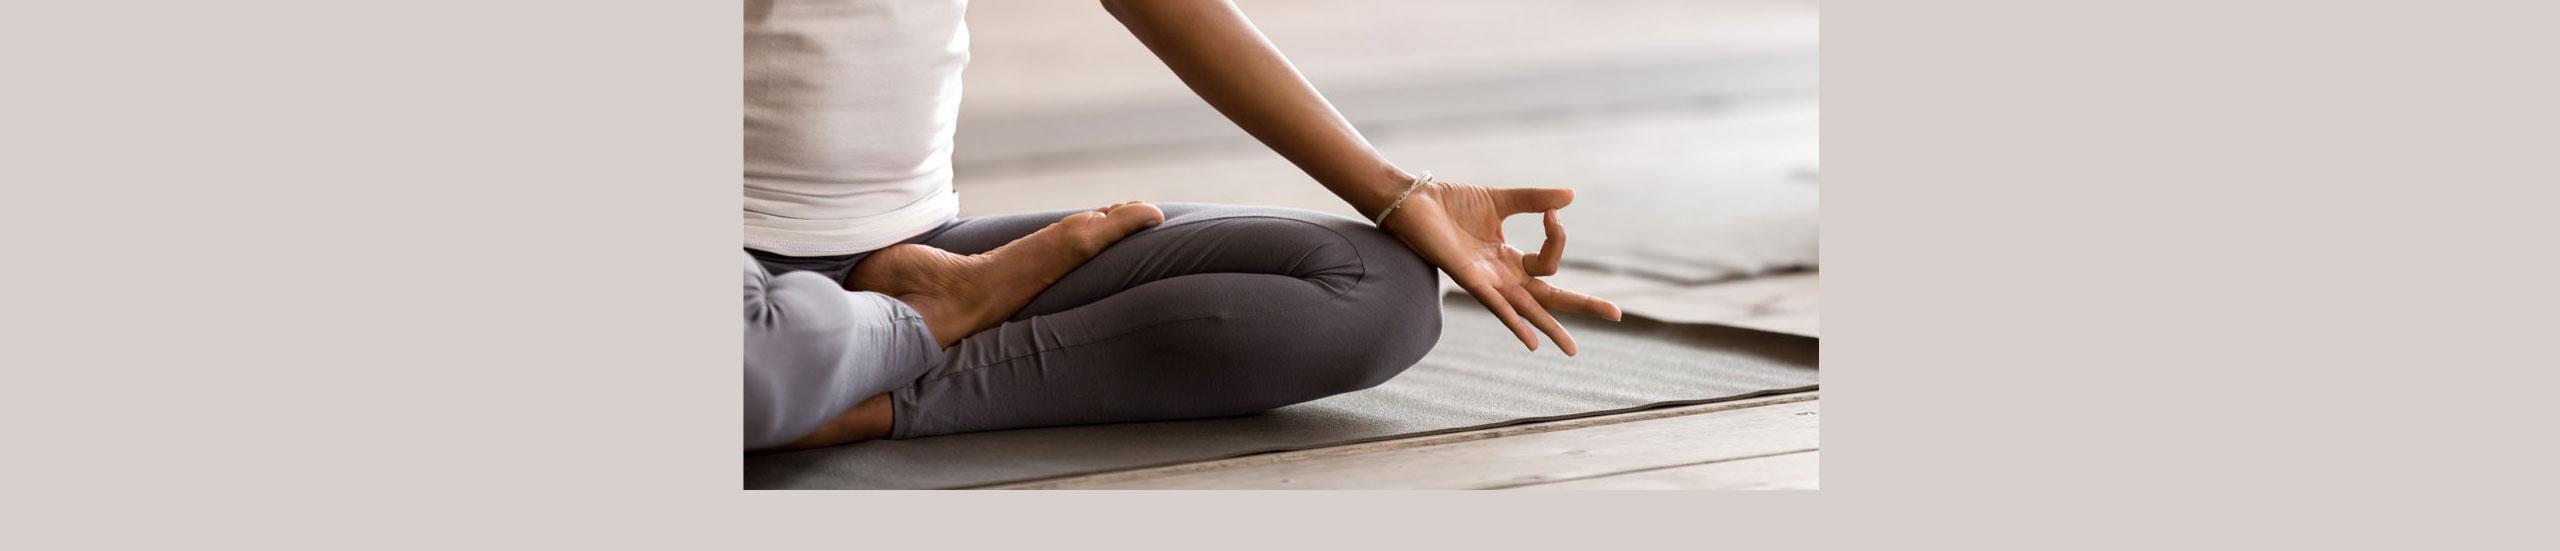 yoga-en-meditatie-bij-yoga-centrum-hoofddorp